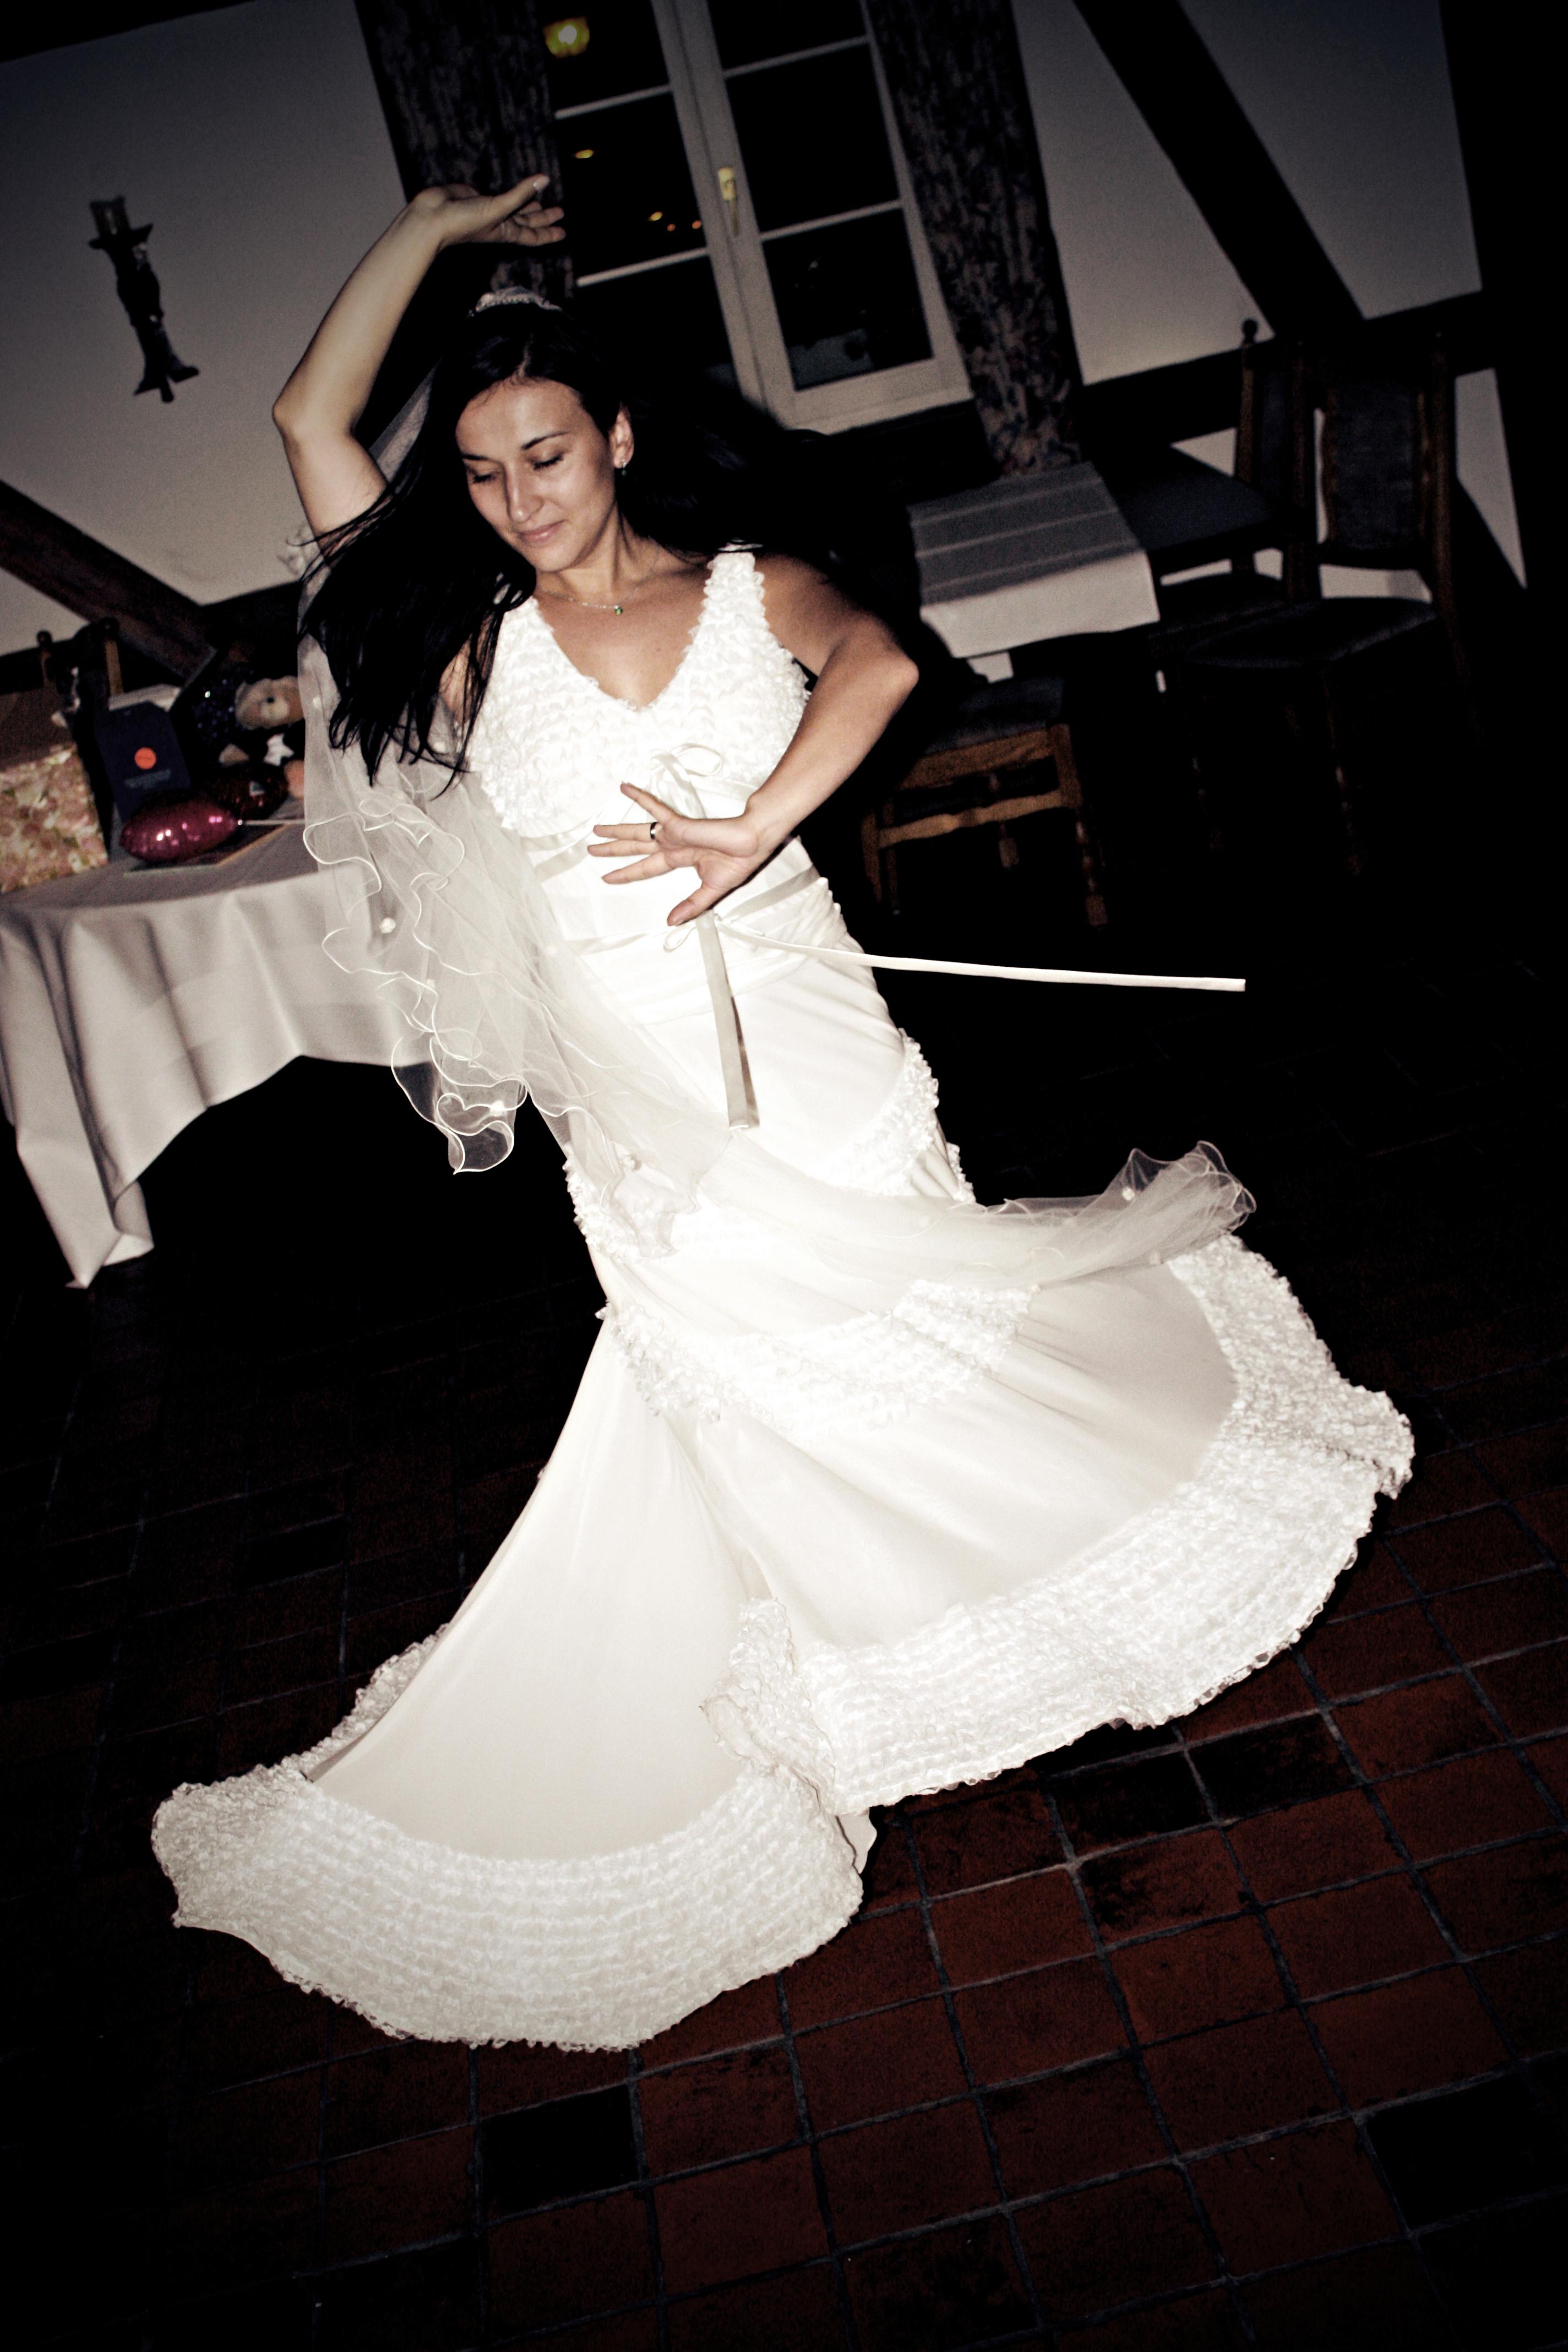 Marrige dance